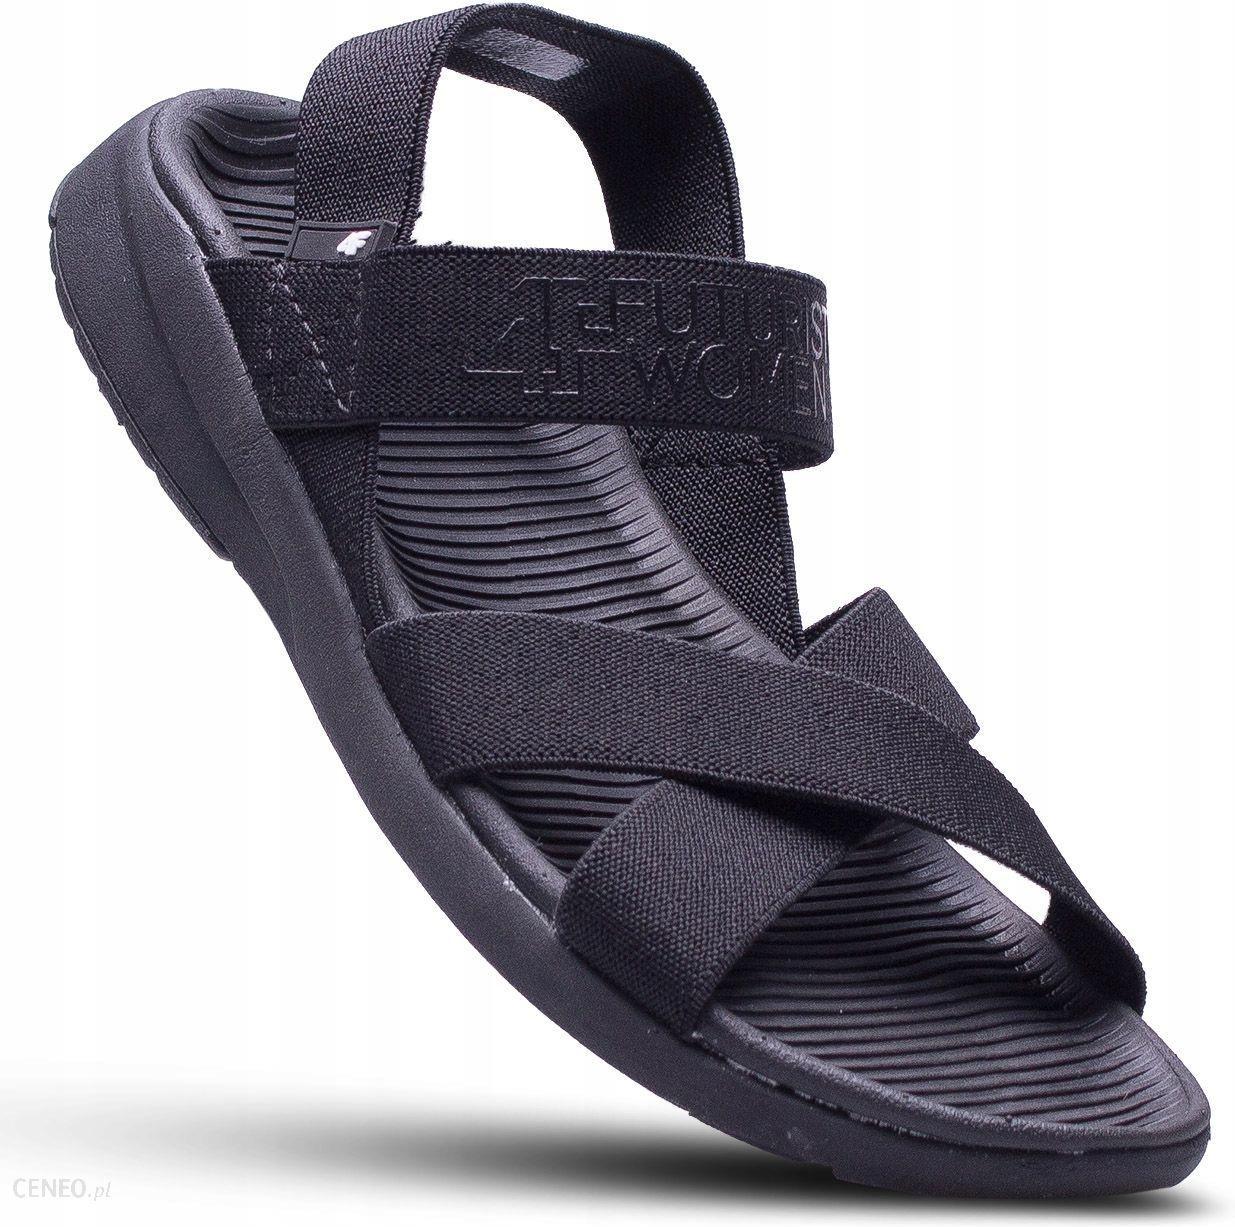 Sandały damskie 4F buty sportowe na lato 4F Ceny i opinie